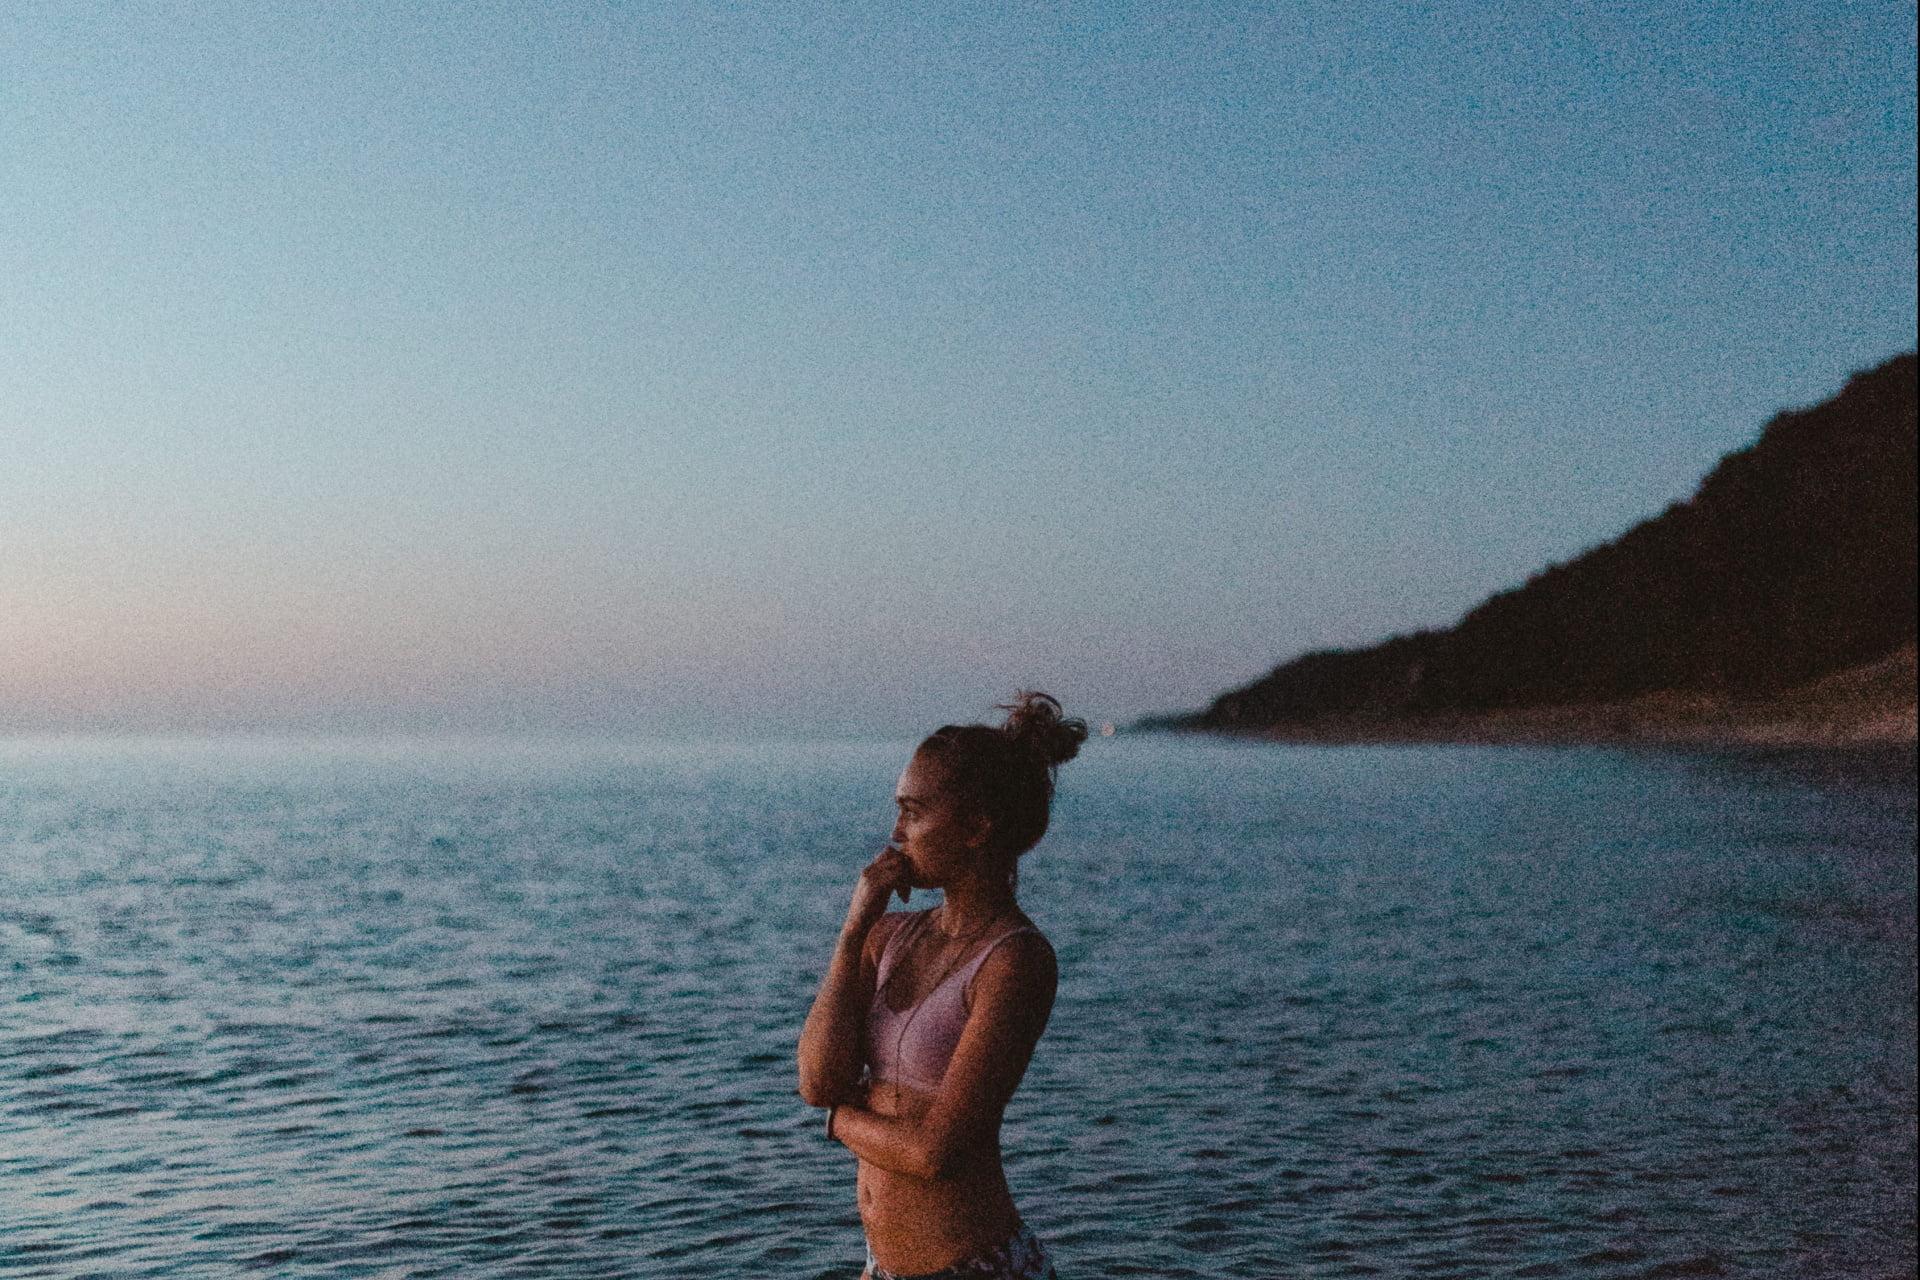 Sizi Özgür Bırakabilecek Hayat Hakkında 23 Gerçek